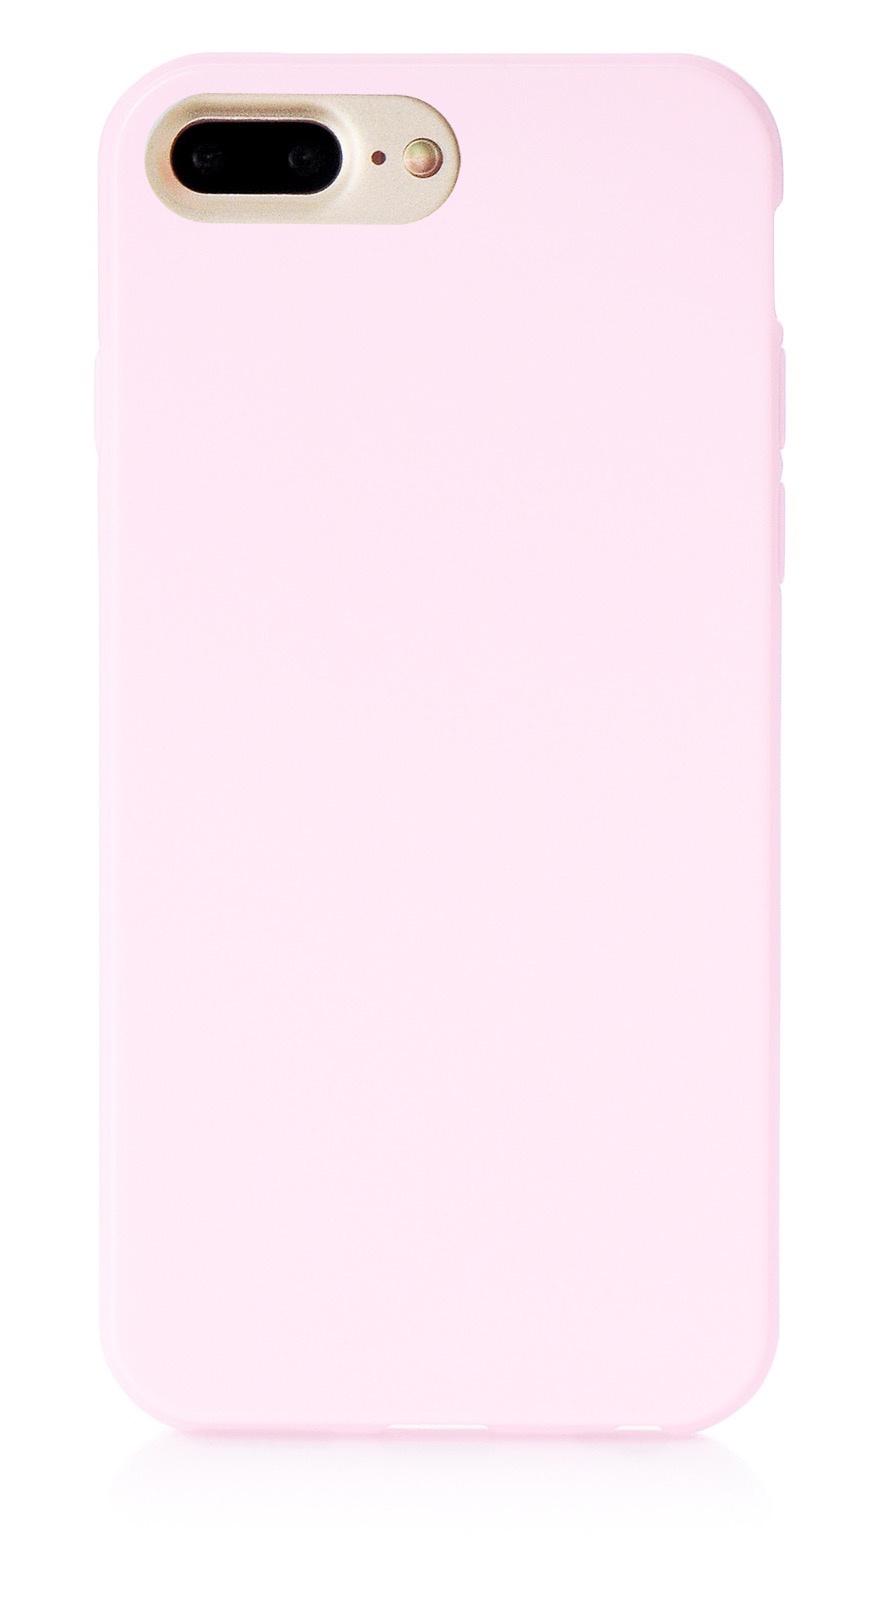 """Чехол для сотового телефона iNeez накладка силикон мыльница 900824 для Apple Iphone 7 Plus/8 Plus 5.5"""", светло-розовый"""